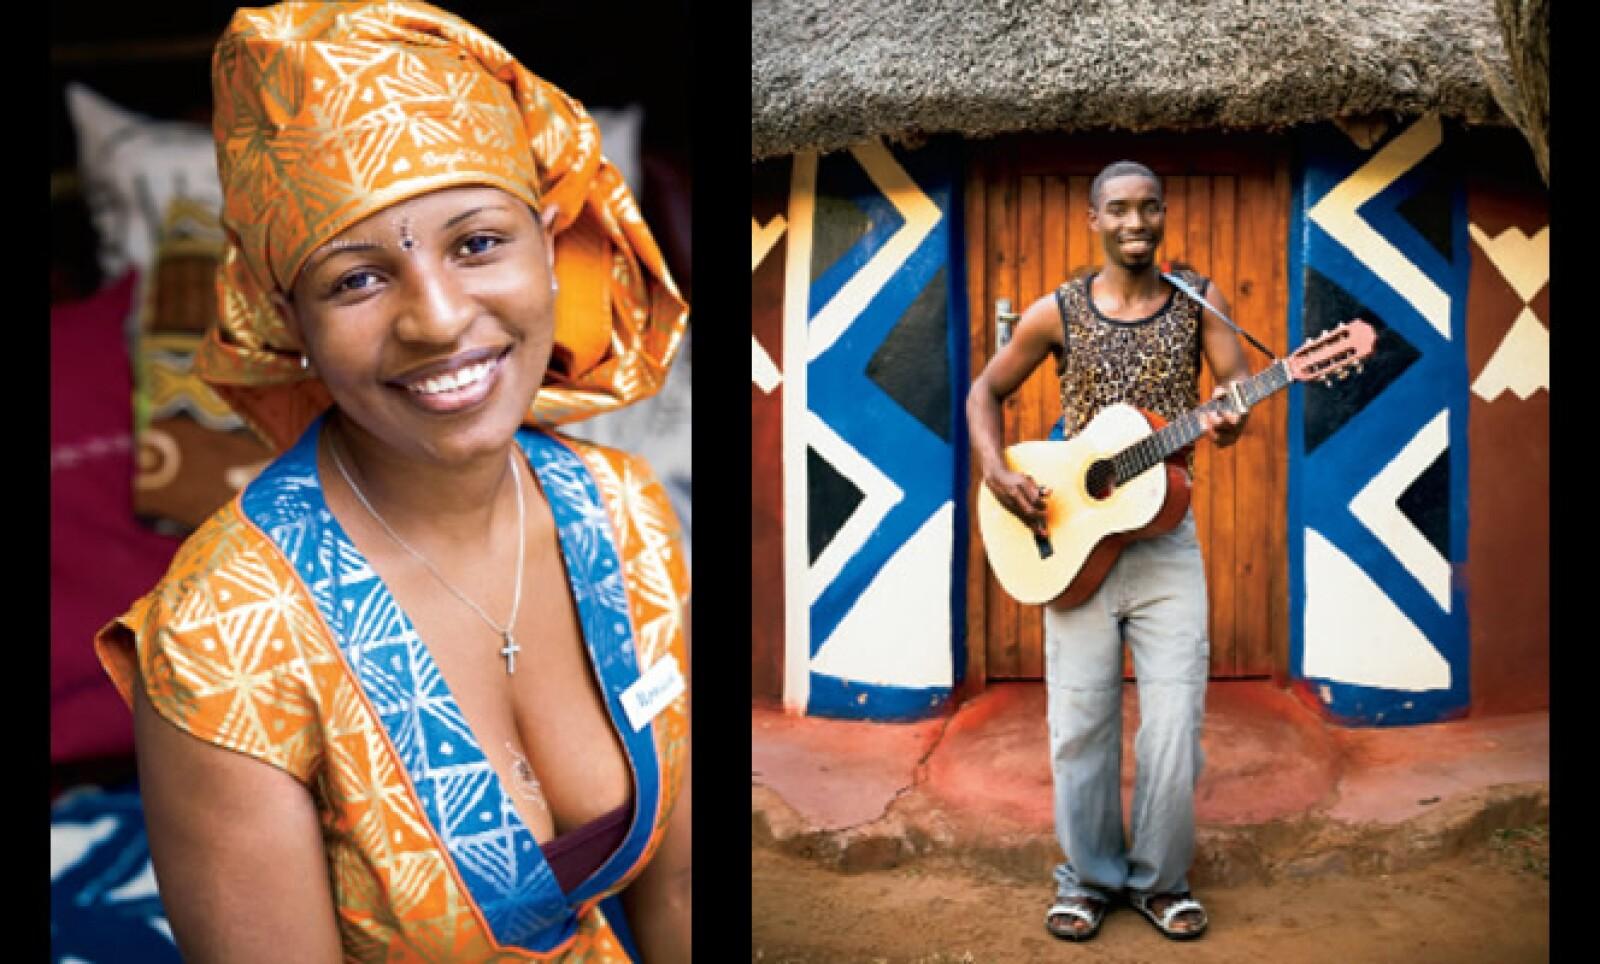 Kwaito, sinónimo de buena onda, es un movimiento musical callejero que integra elementos tradicionales e históricos del país Africano.